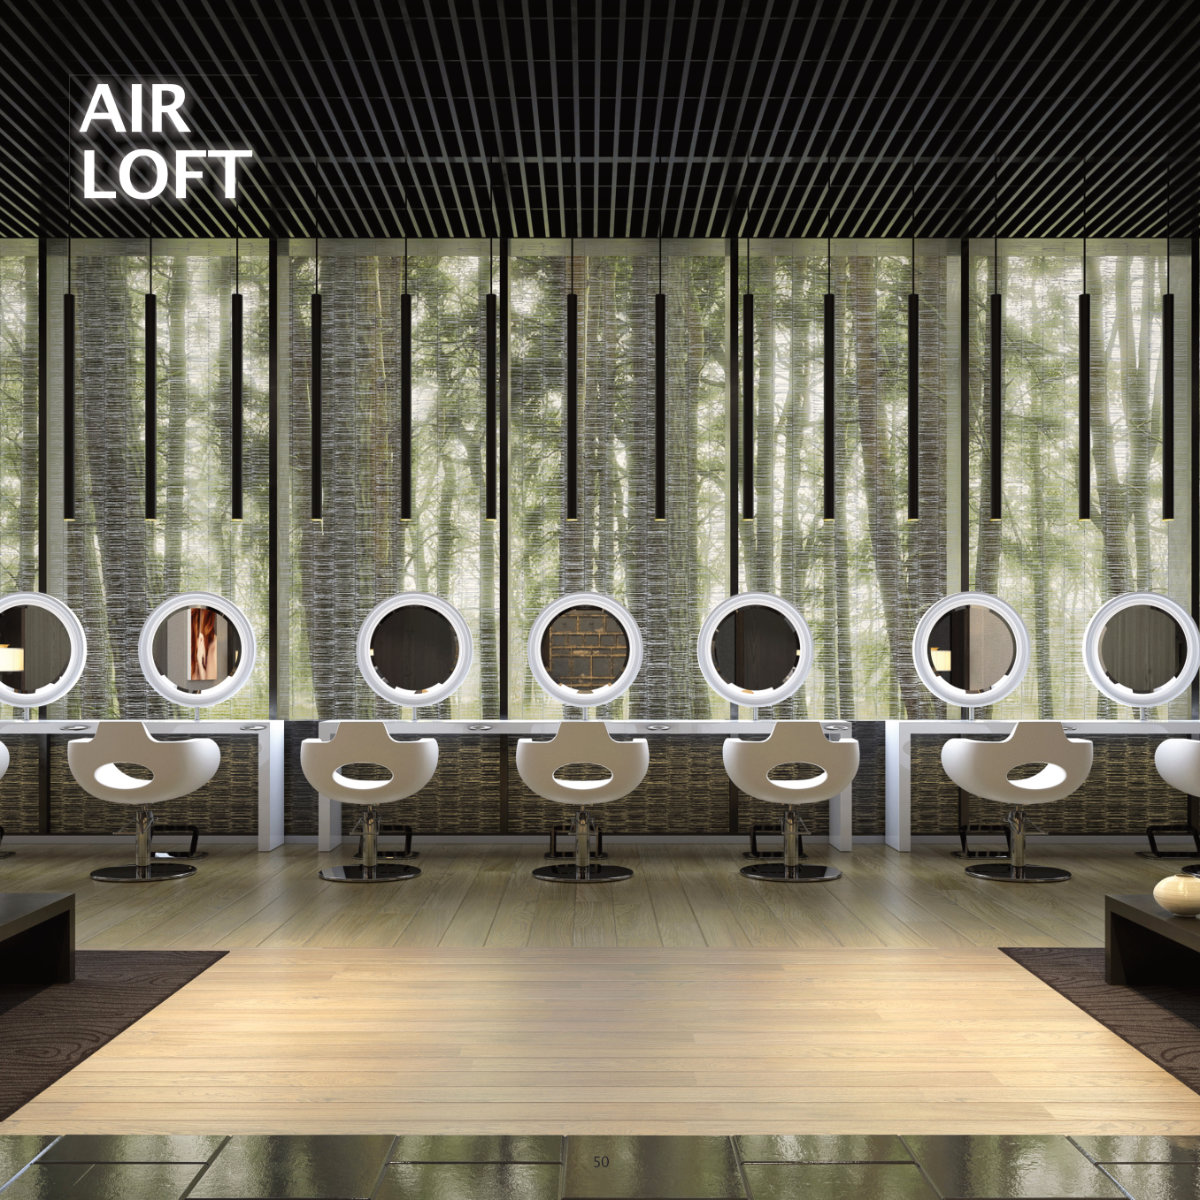 Air Loft